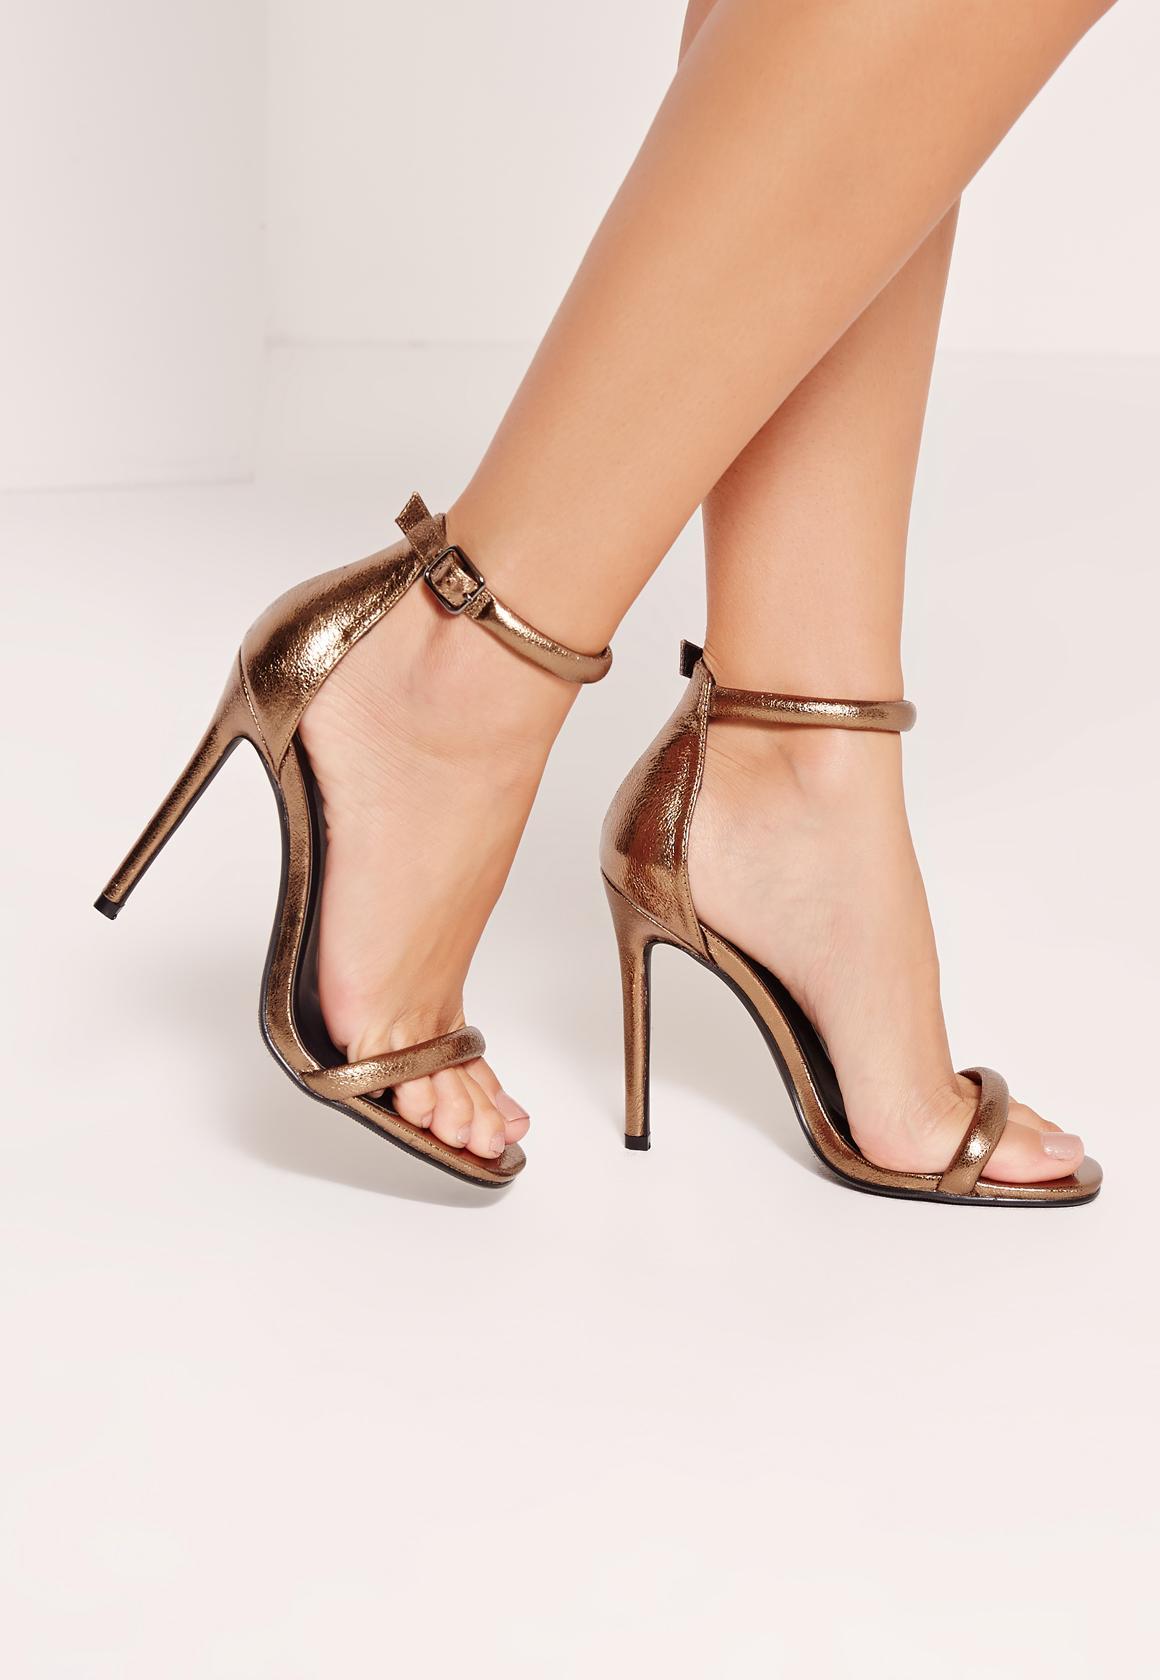 Bronze High Heels Ha Heel